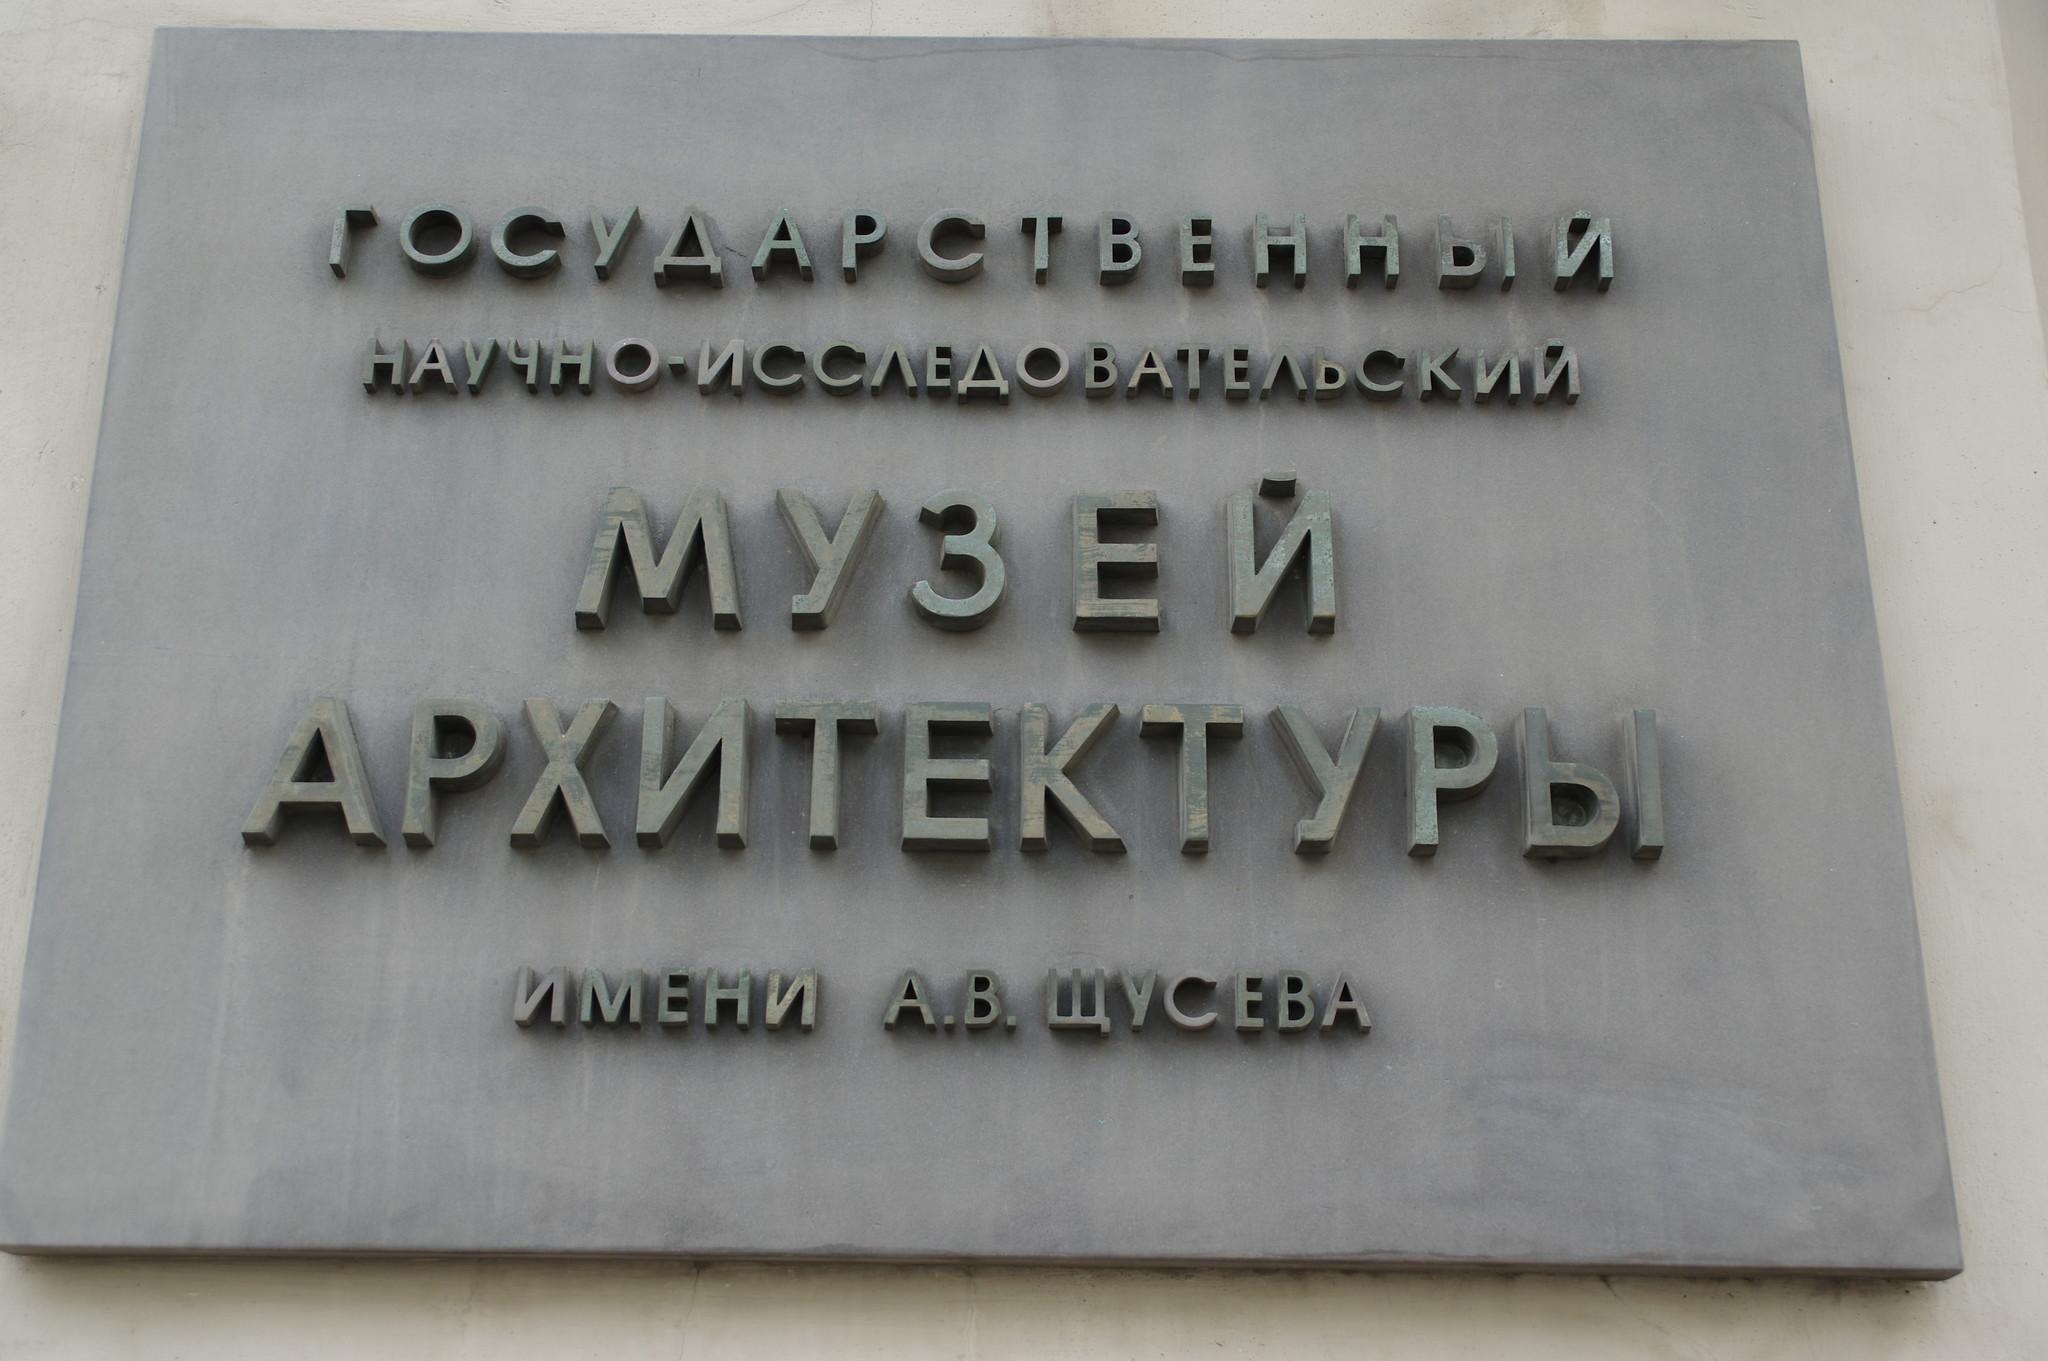 Государственный научно-исследовательский музей архитектуры им. А. В. Щусева